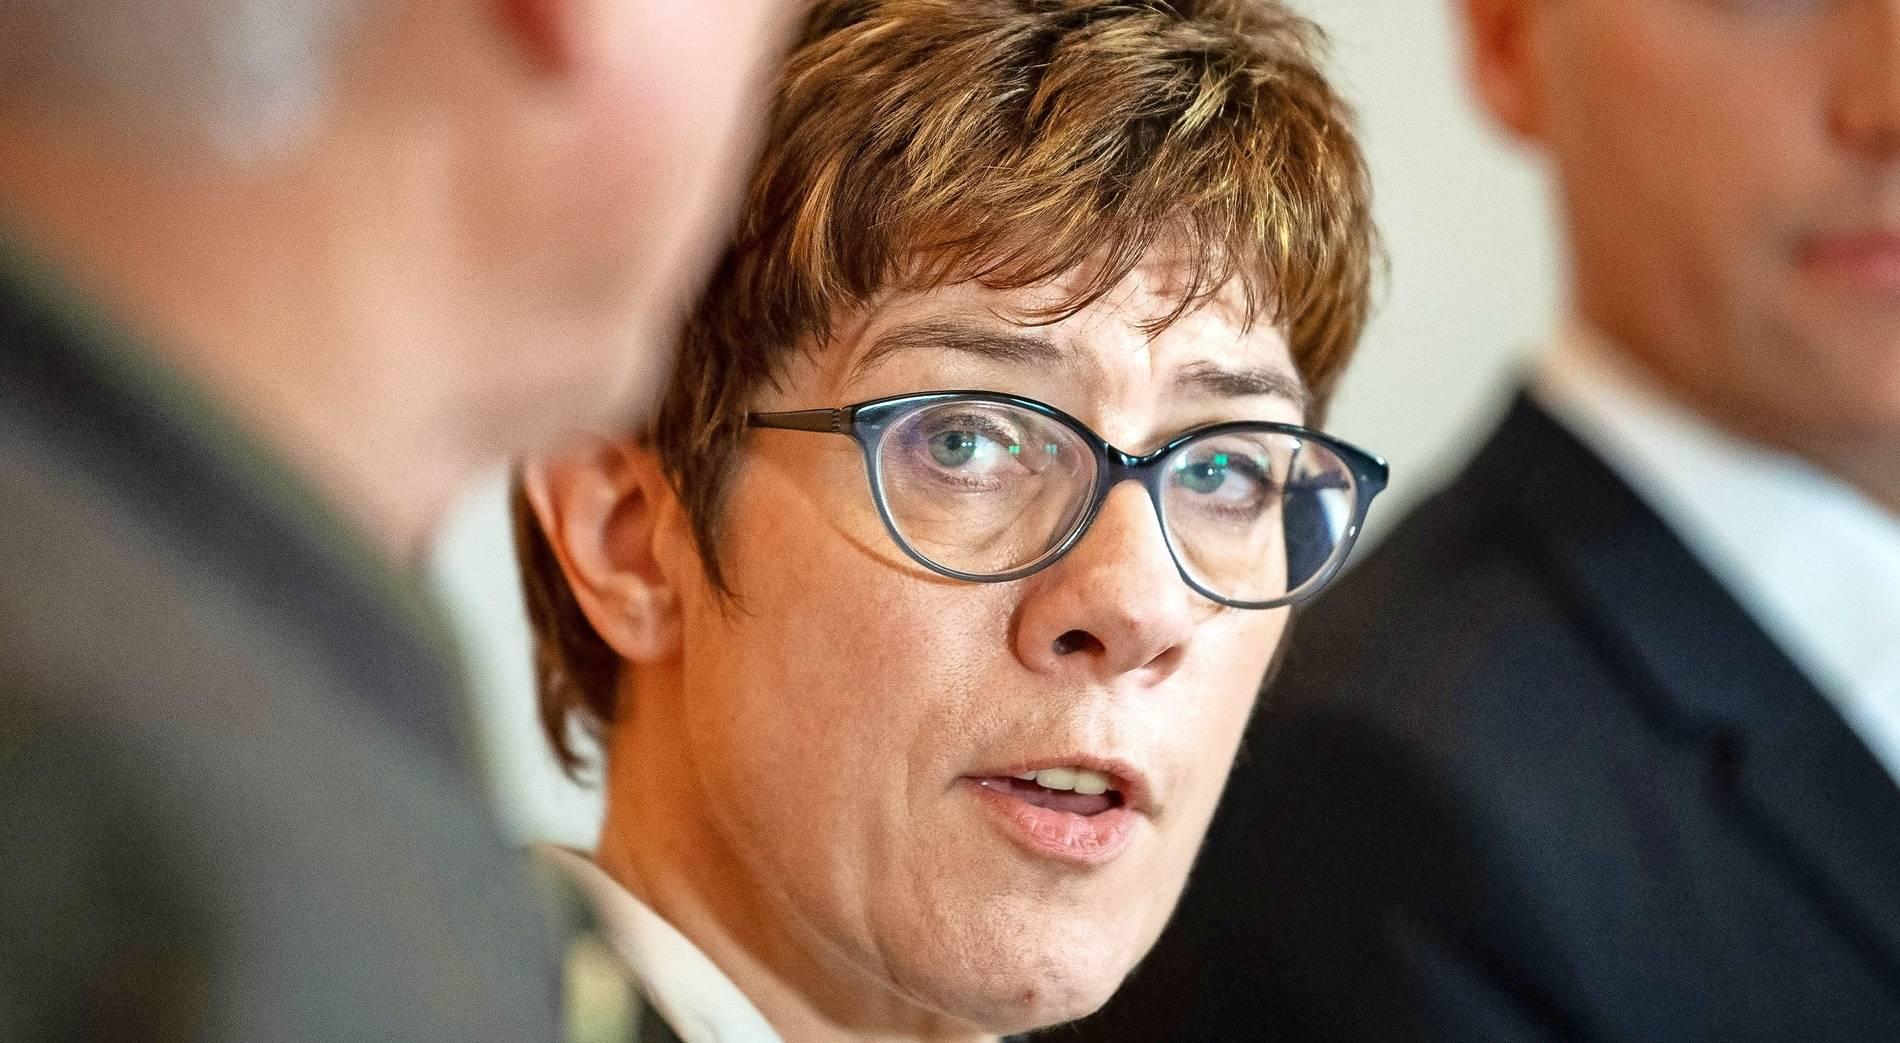 Politiker Mit Brille